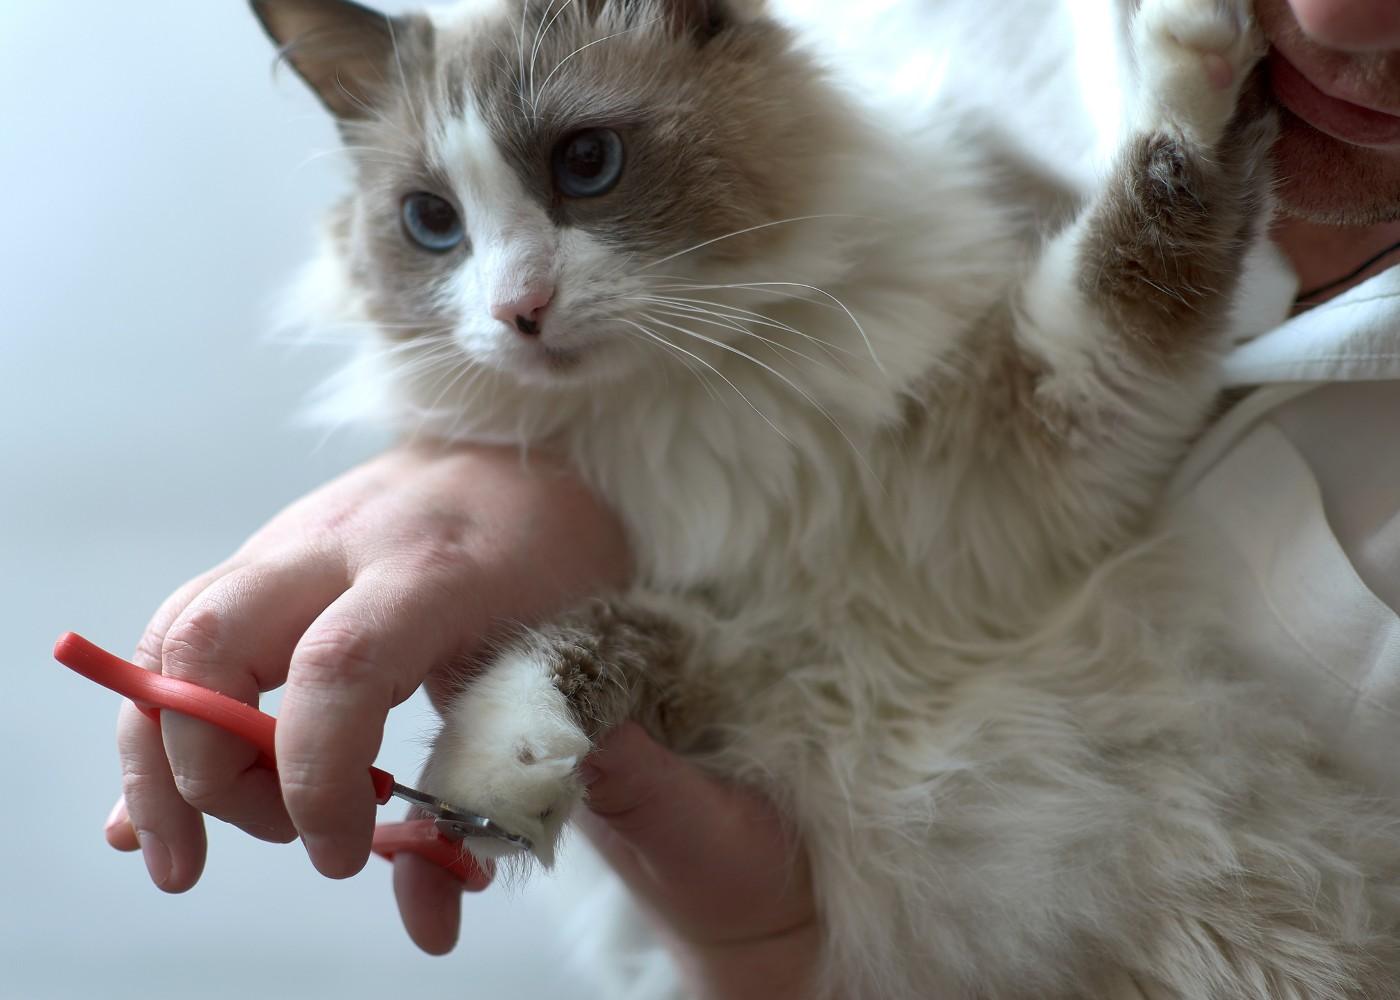 Homem a cortar as unhas do gato